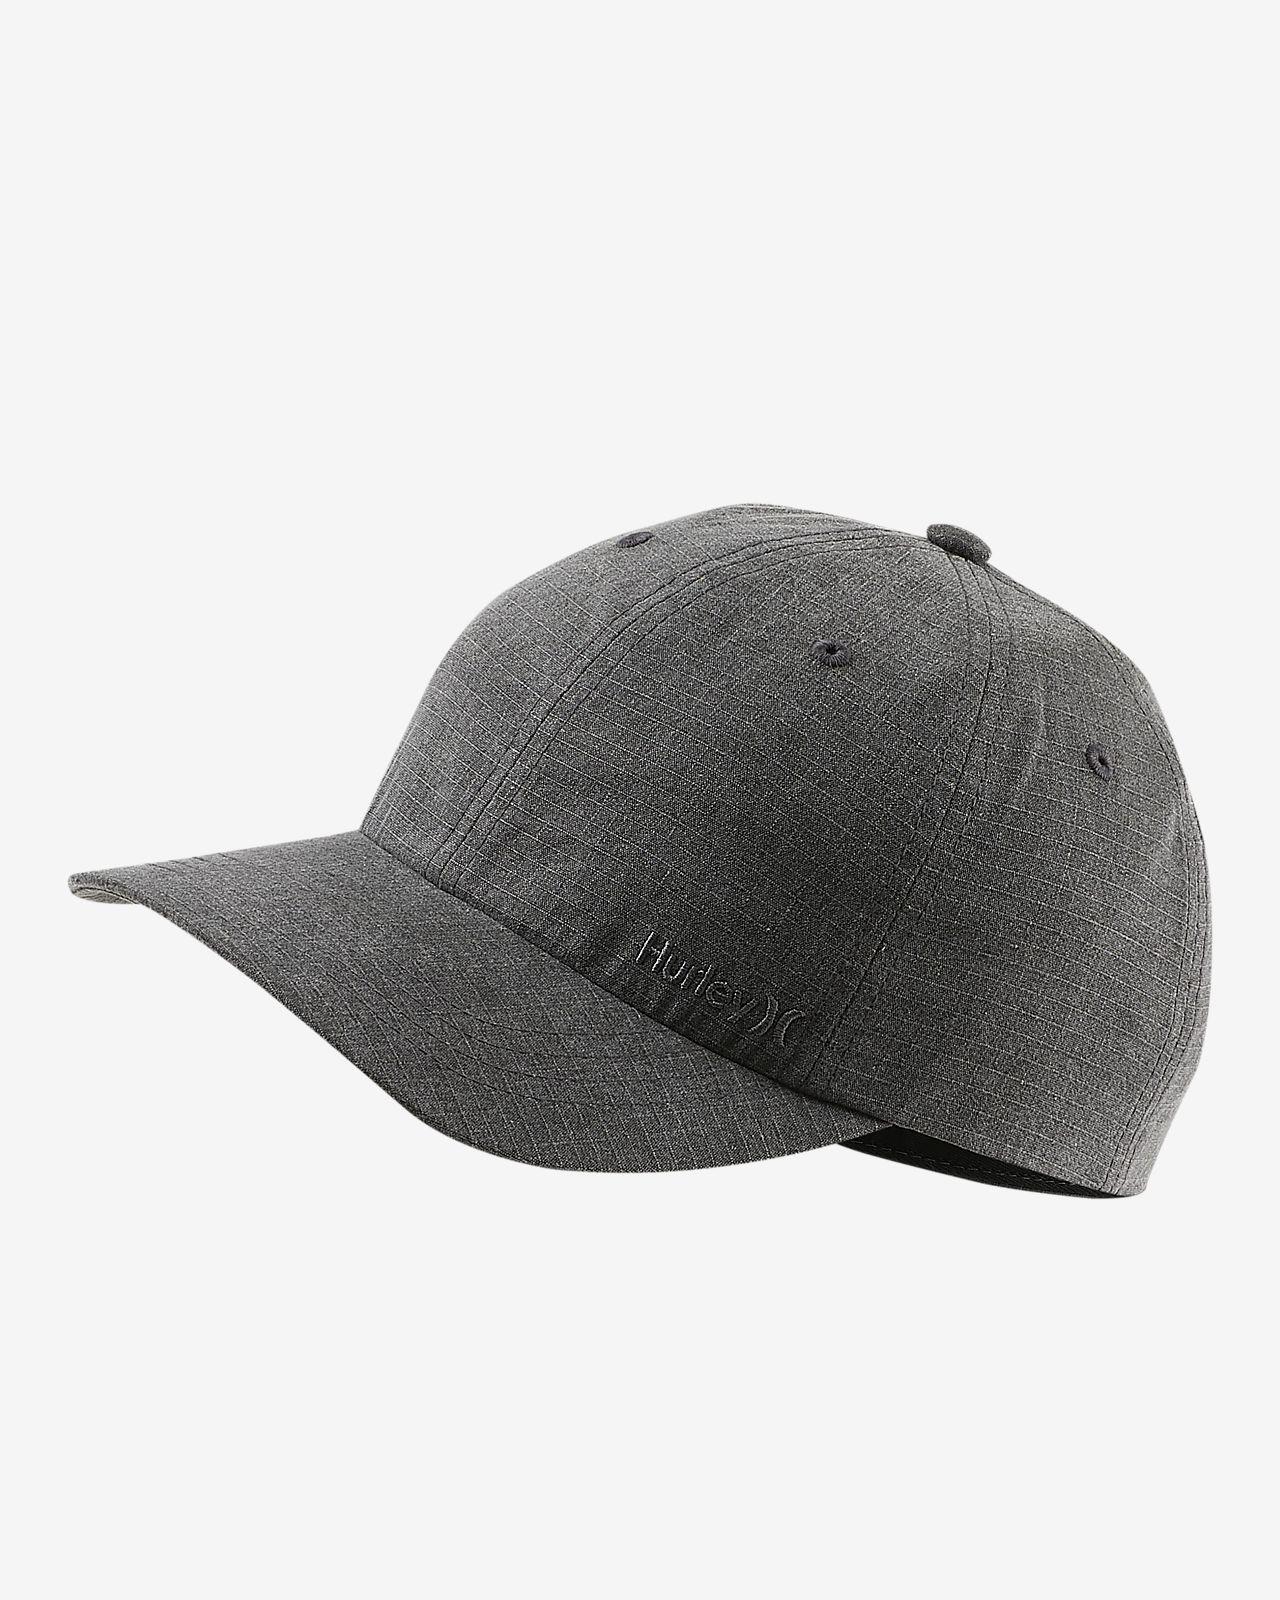 Hurley Andy Ripstop Men's Hat